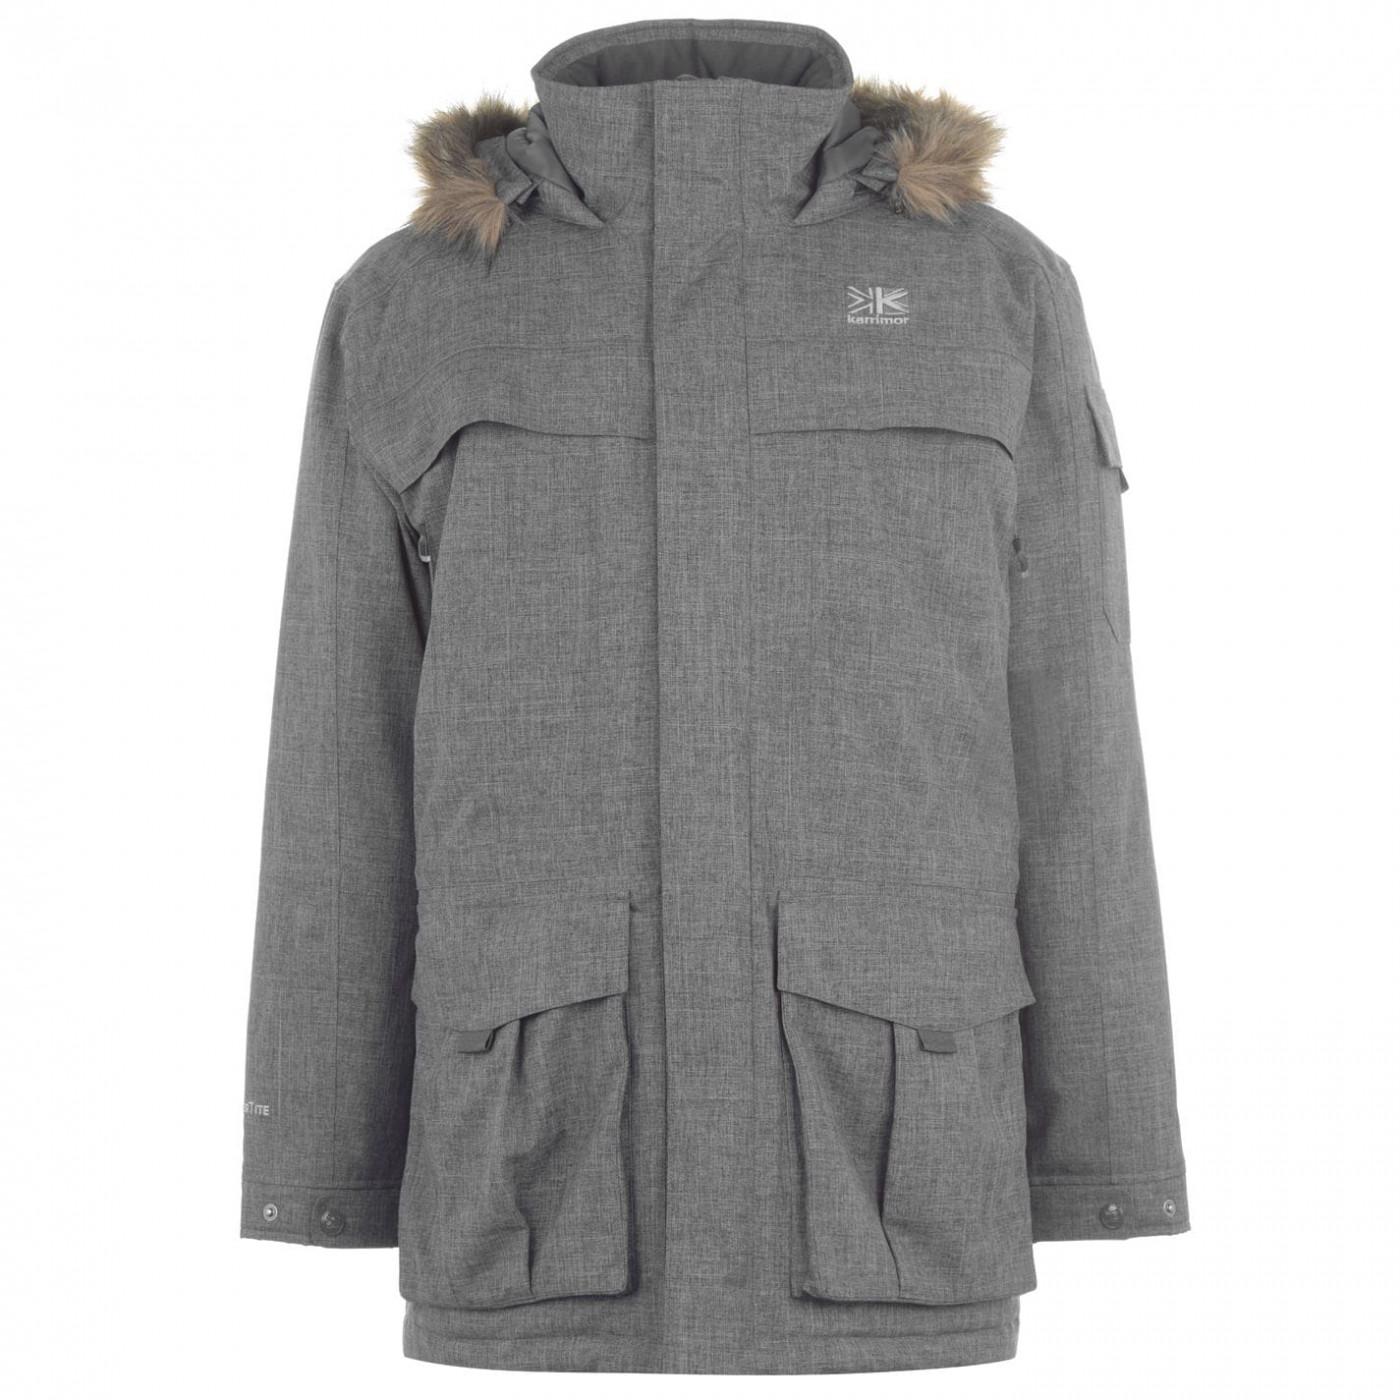 Men's jacket Karrimor Parka